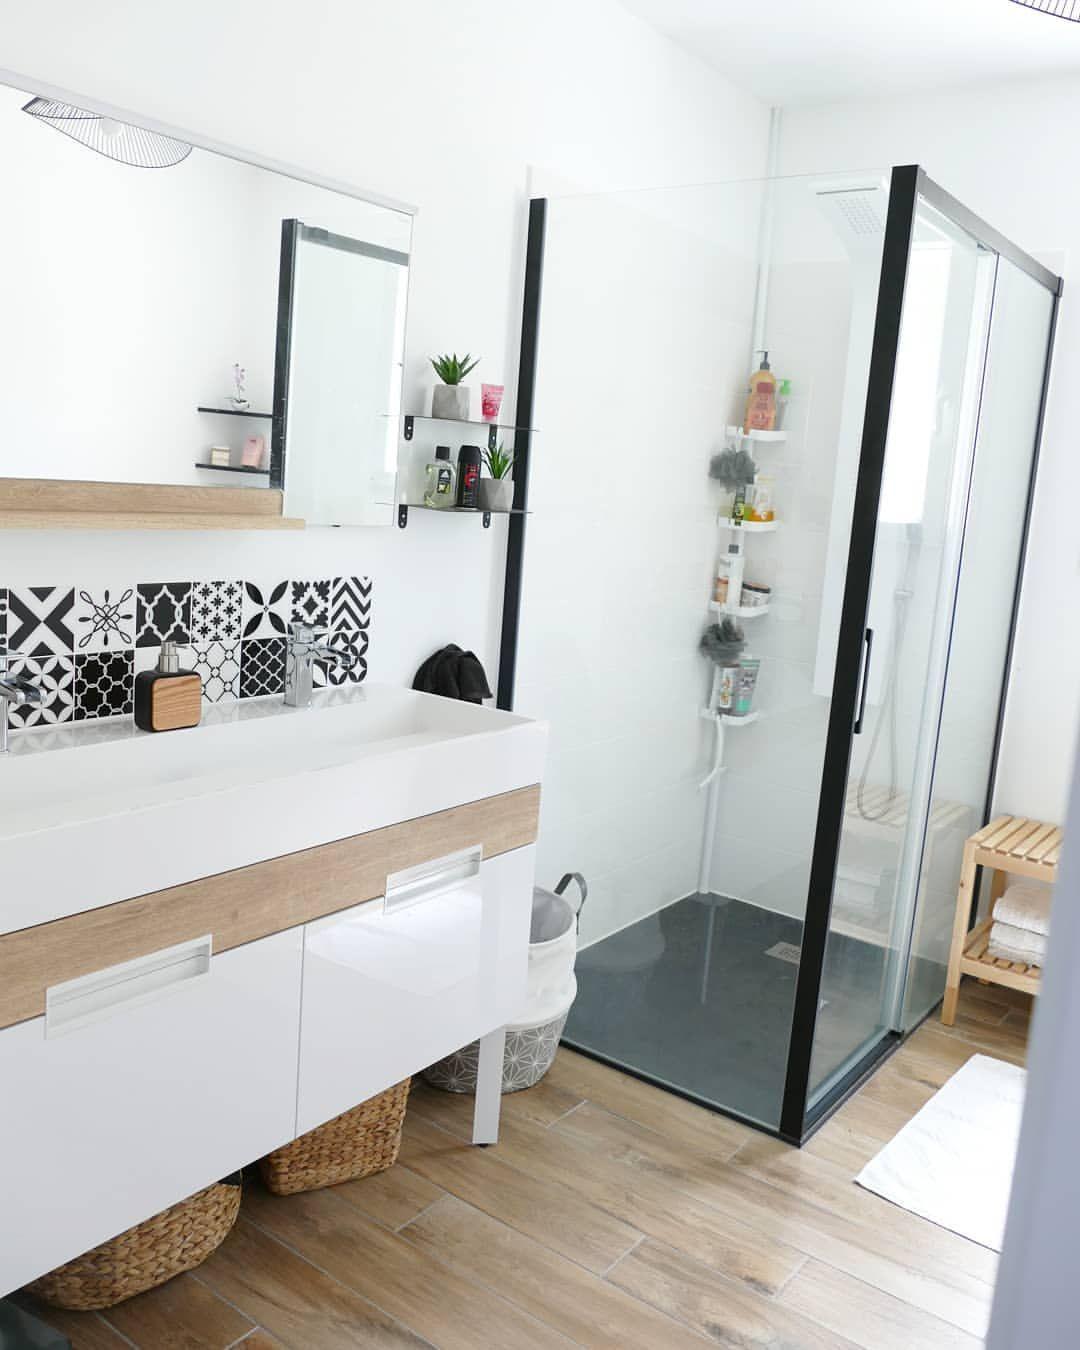 Bathroom Meuble Vasque Miroir Petite Etageres Noire Paroi De Douche Colonne De Douche Et Sol Leroyme Paroi De Douche Meuble Vasque Colonne De Douche